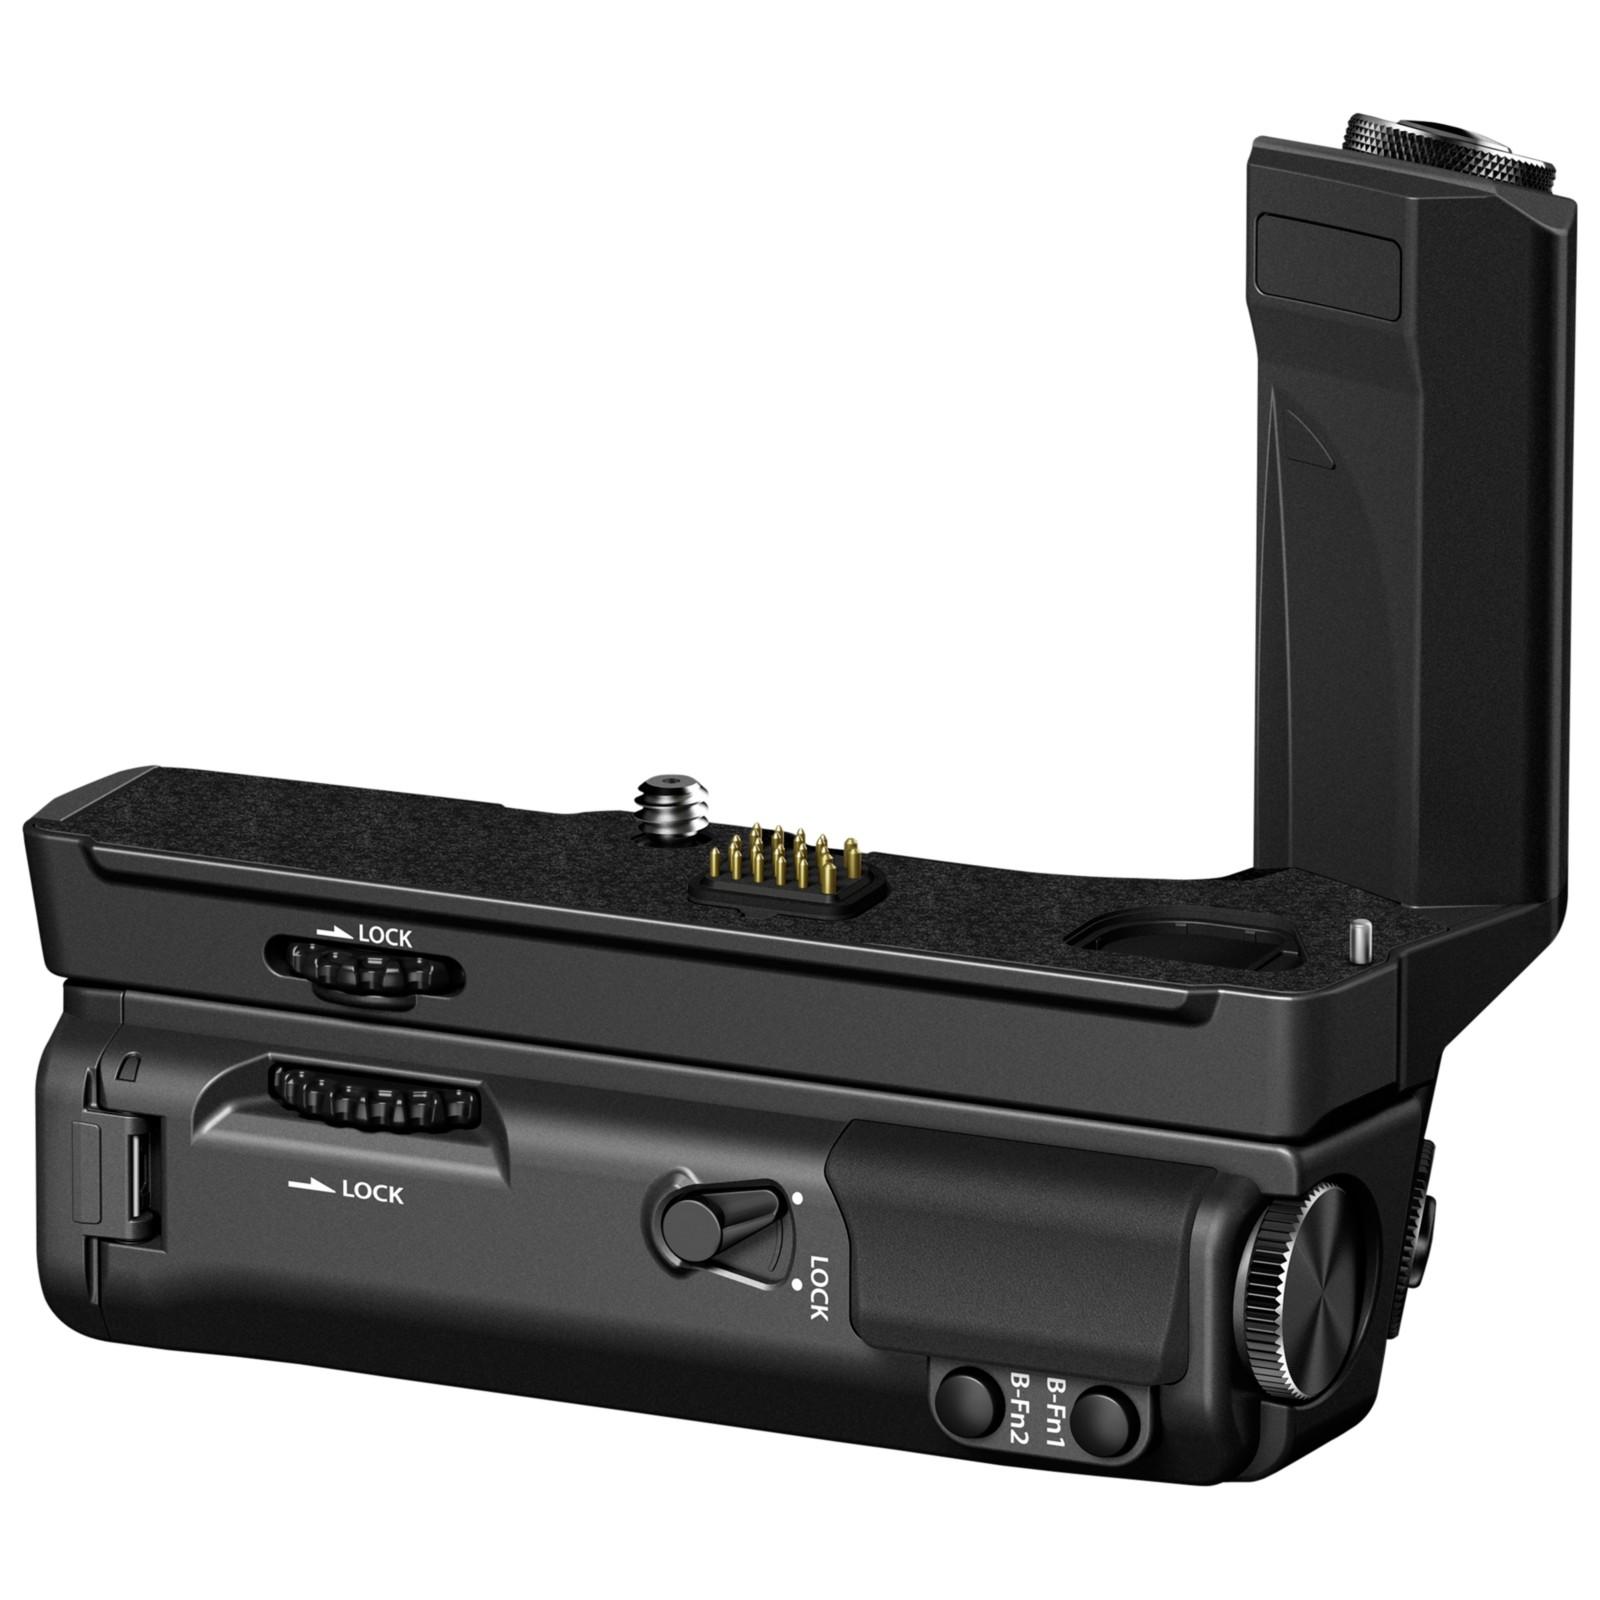 Olympus HLD-8 Power Battery Holder for OM-D E-M5 Mark II Camera